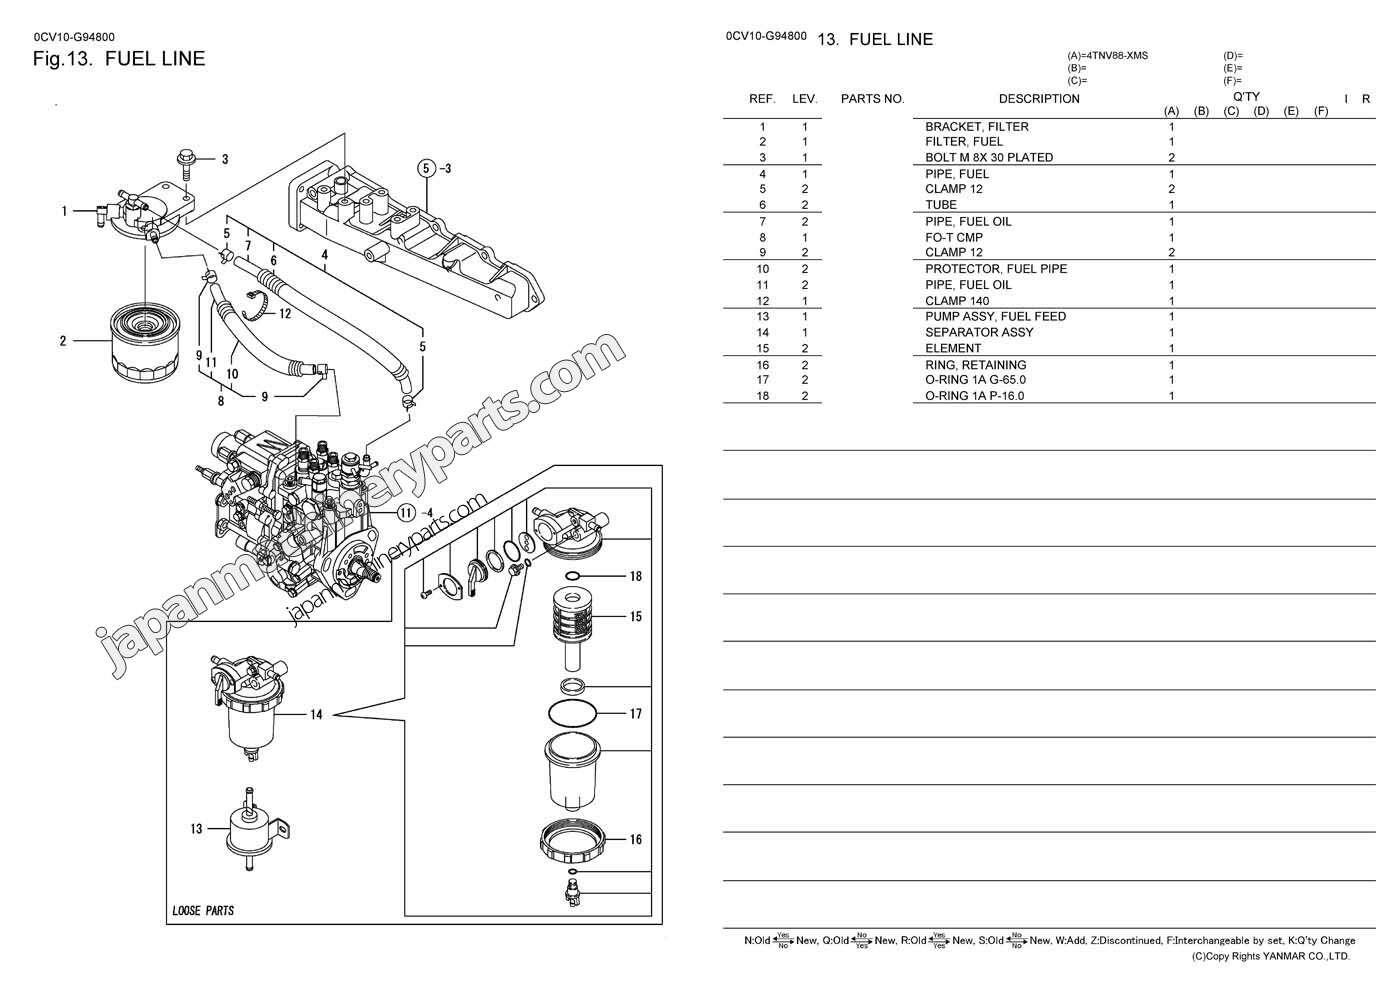 Parts for YANMAR 4TNV88-XMS